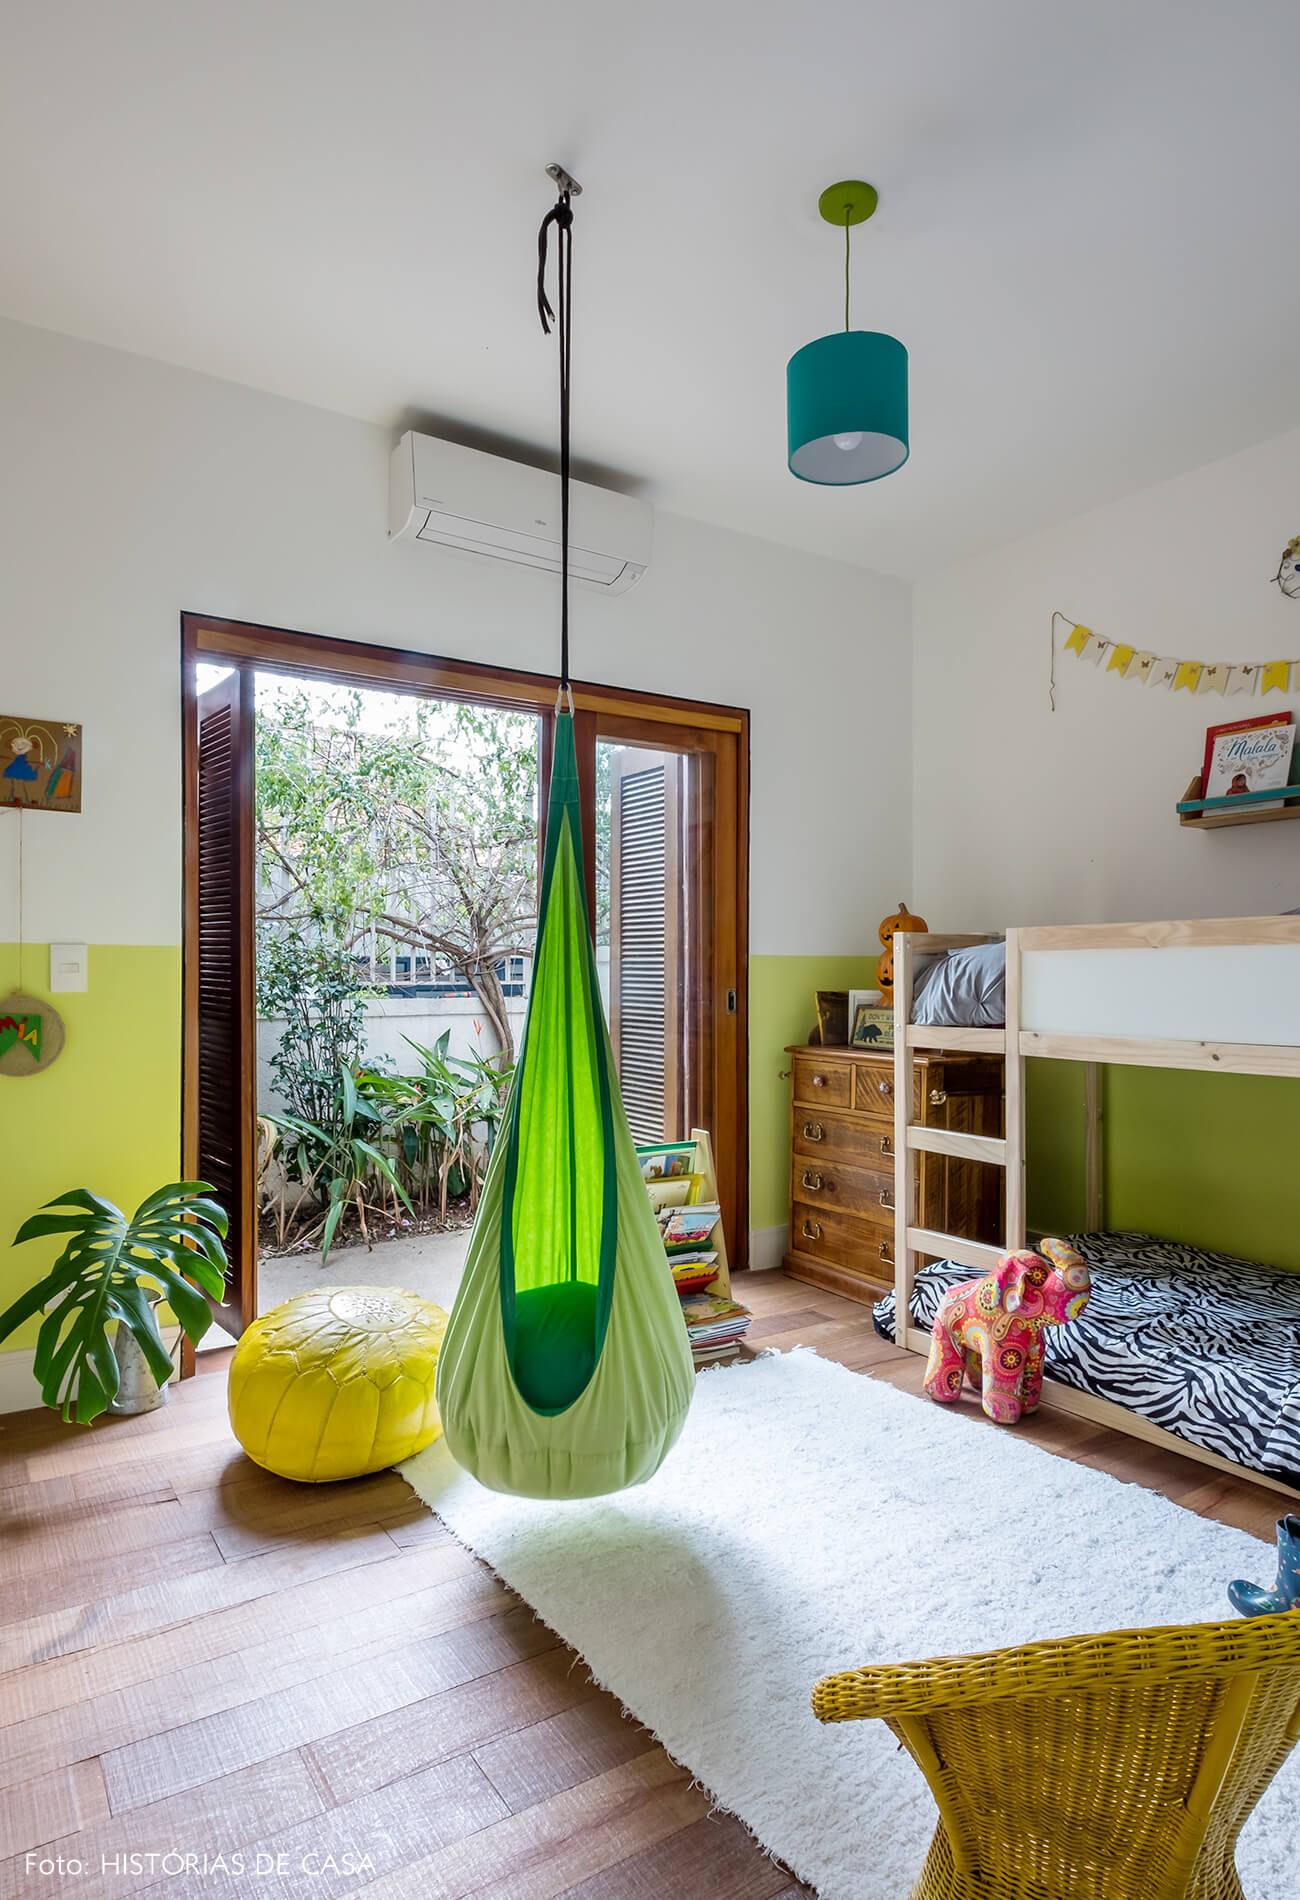 Quarto de criança com parede pintada de verde neon